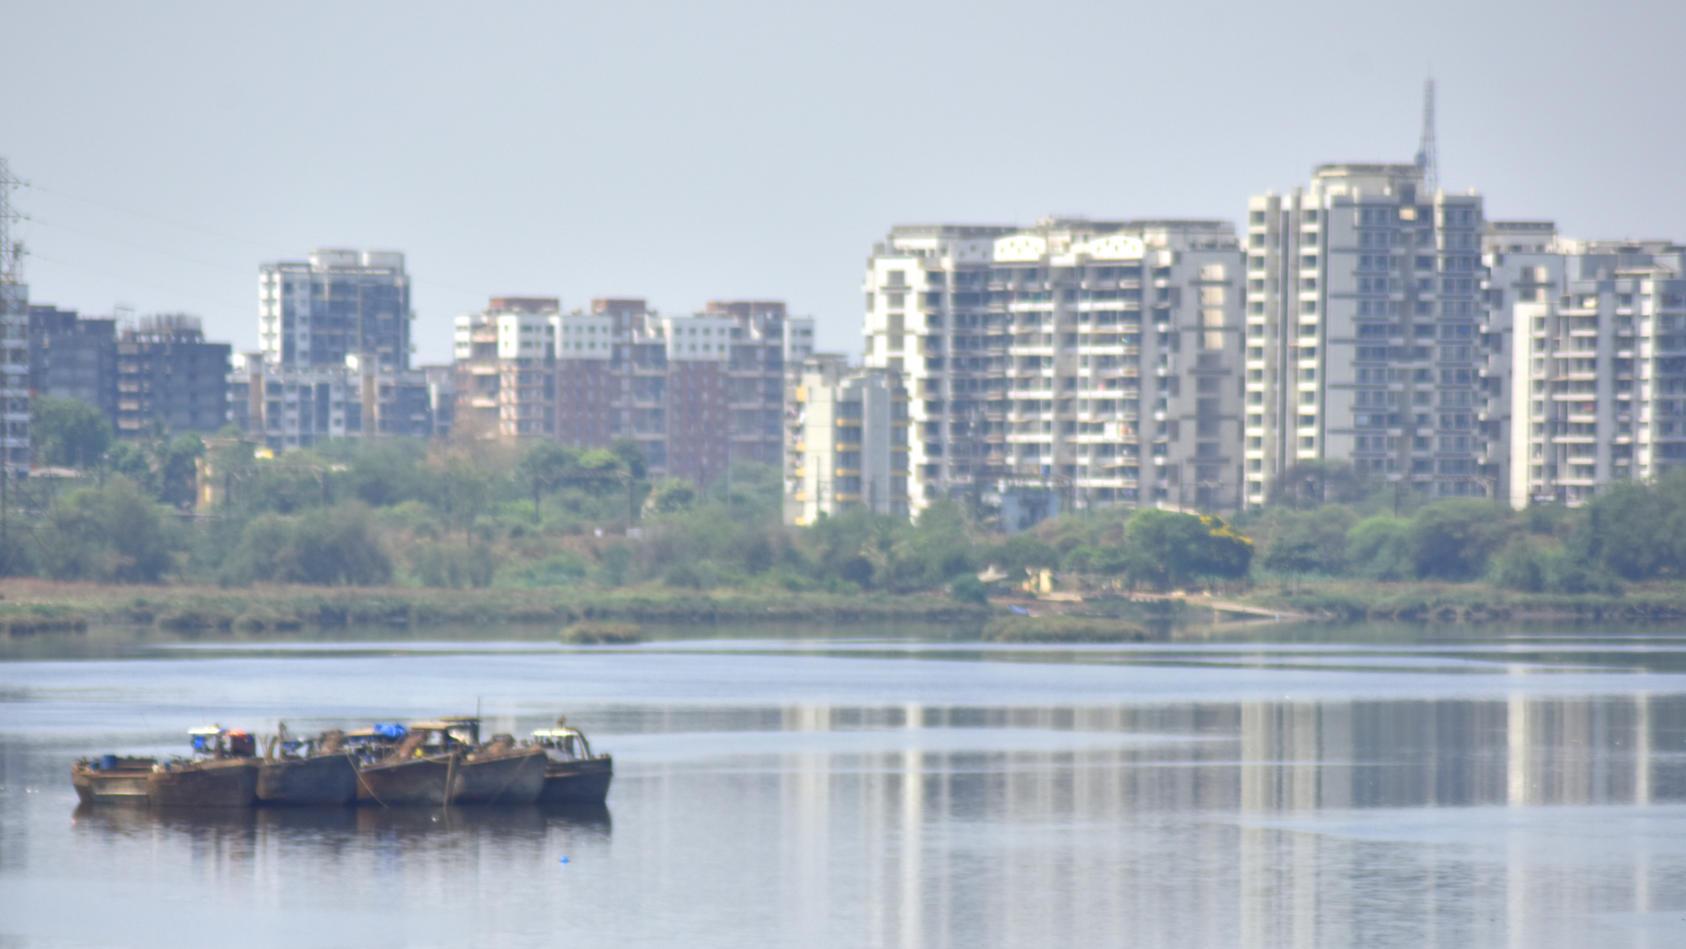 Die 28 verdächtigen Männern wurden in der Stadt Thane nahe Mumbai in Gewahrsam genommen. Unter ihnen befinden sich auch zwei Jugendliche. (Archivbild)